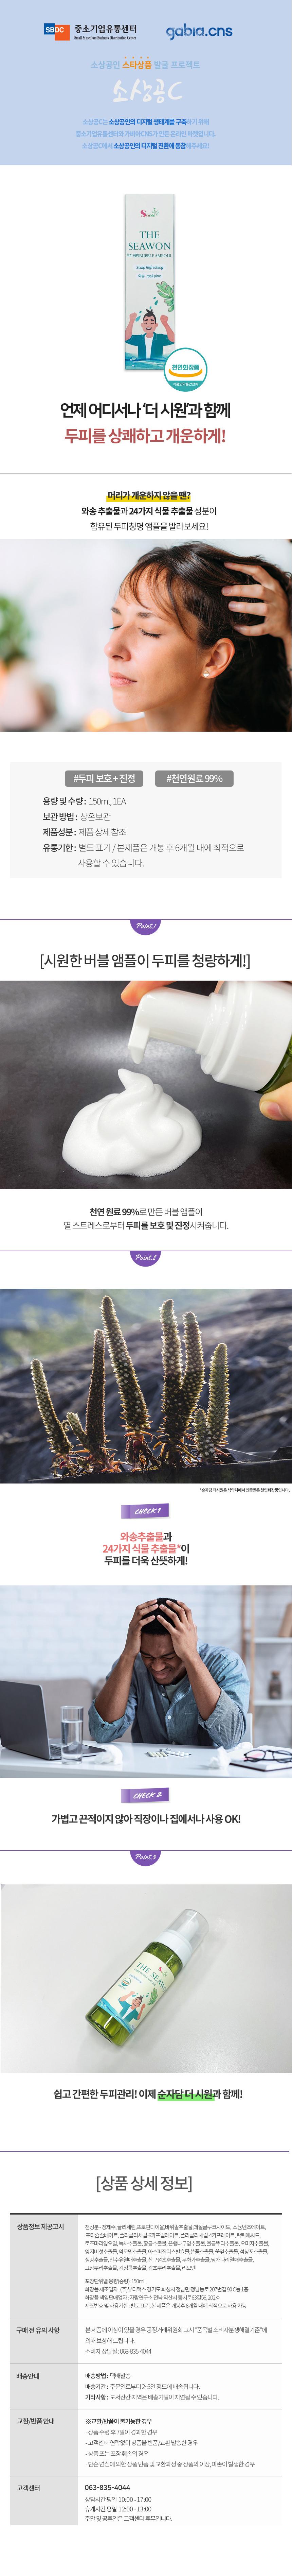 순자담 더시원 두피 청명 버블 앰플/식약처인증 천연화장품/열스트레스로부터 두피를 보호, 진정